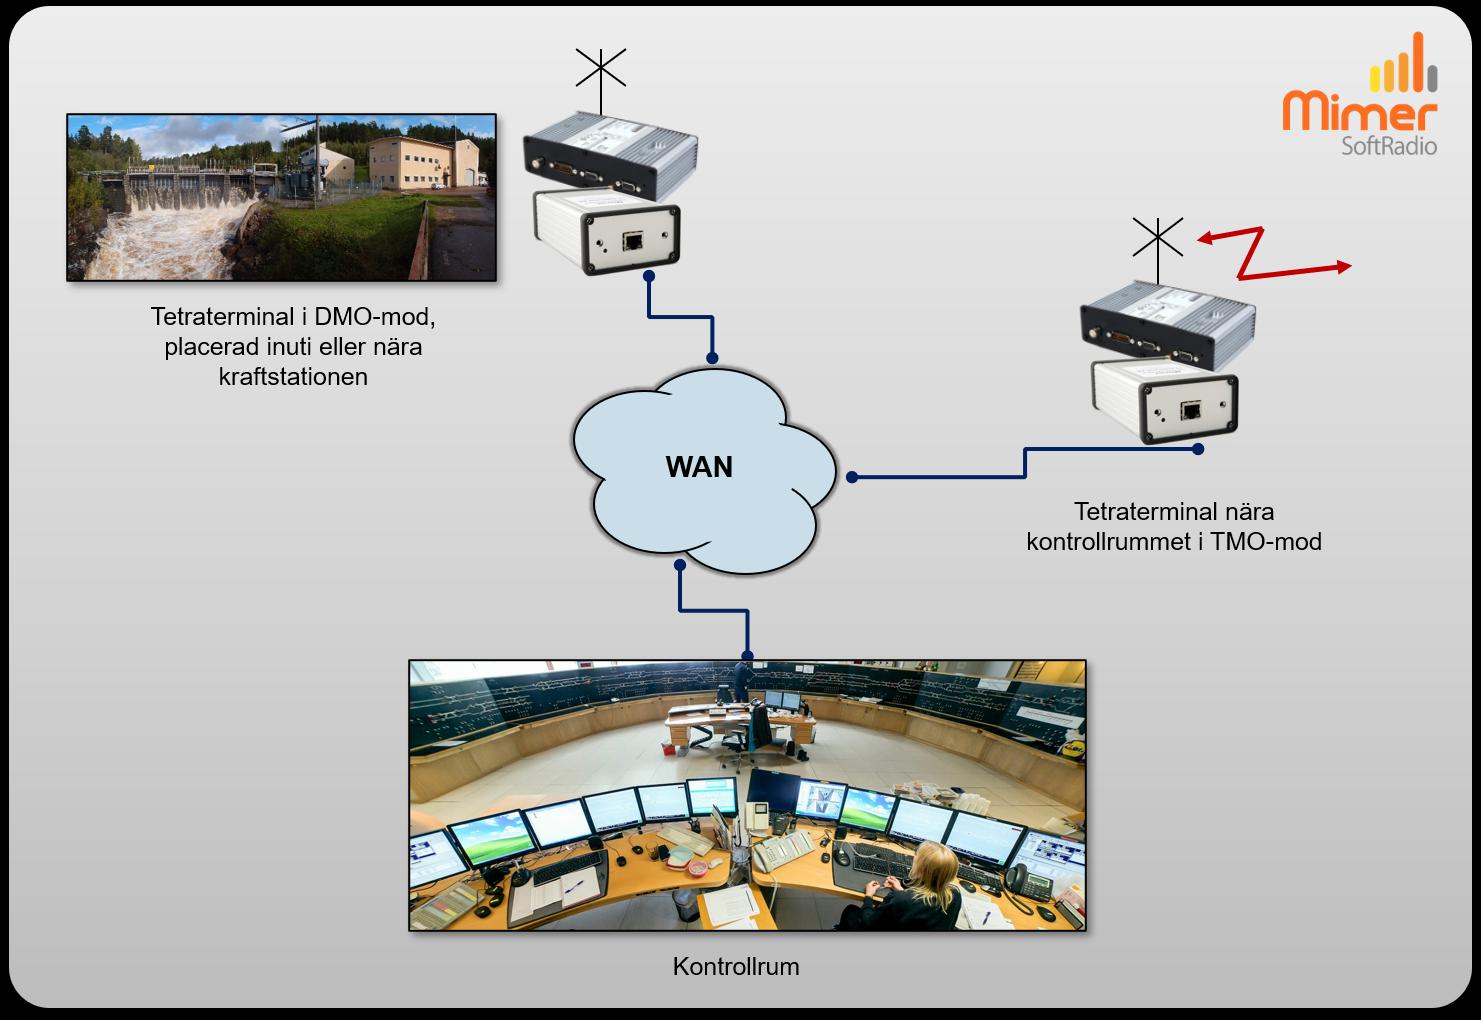 Både DMO och TMO fjärrstyrt från samma ledningscentral